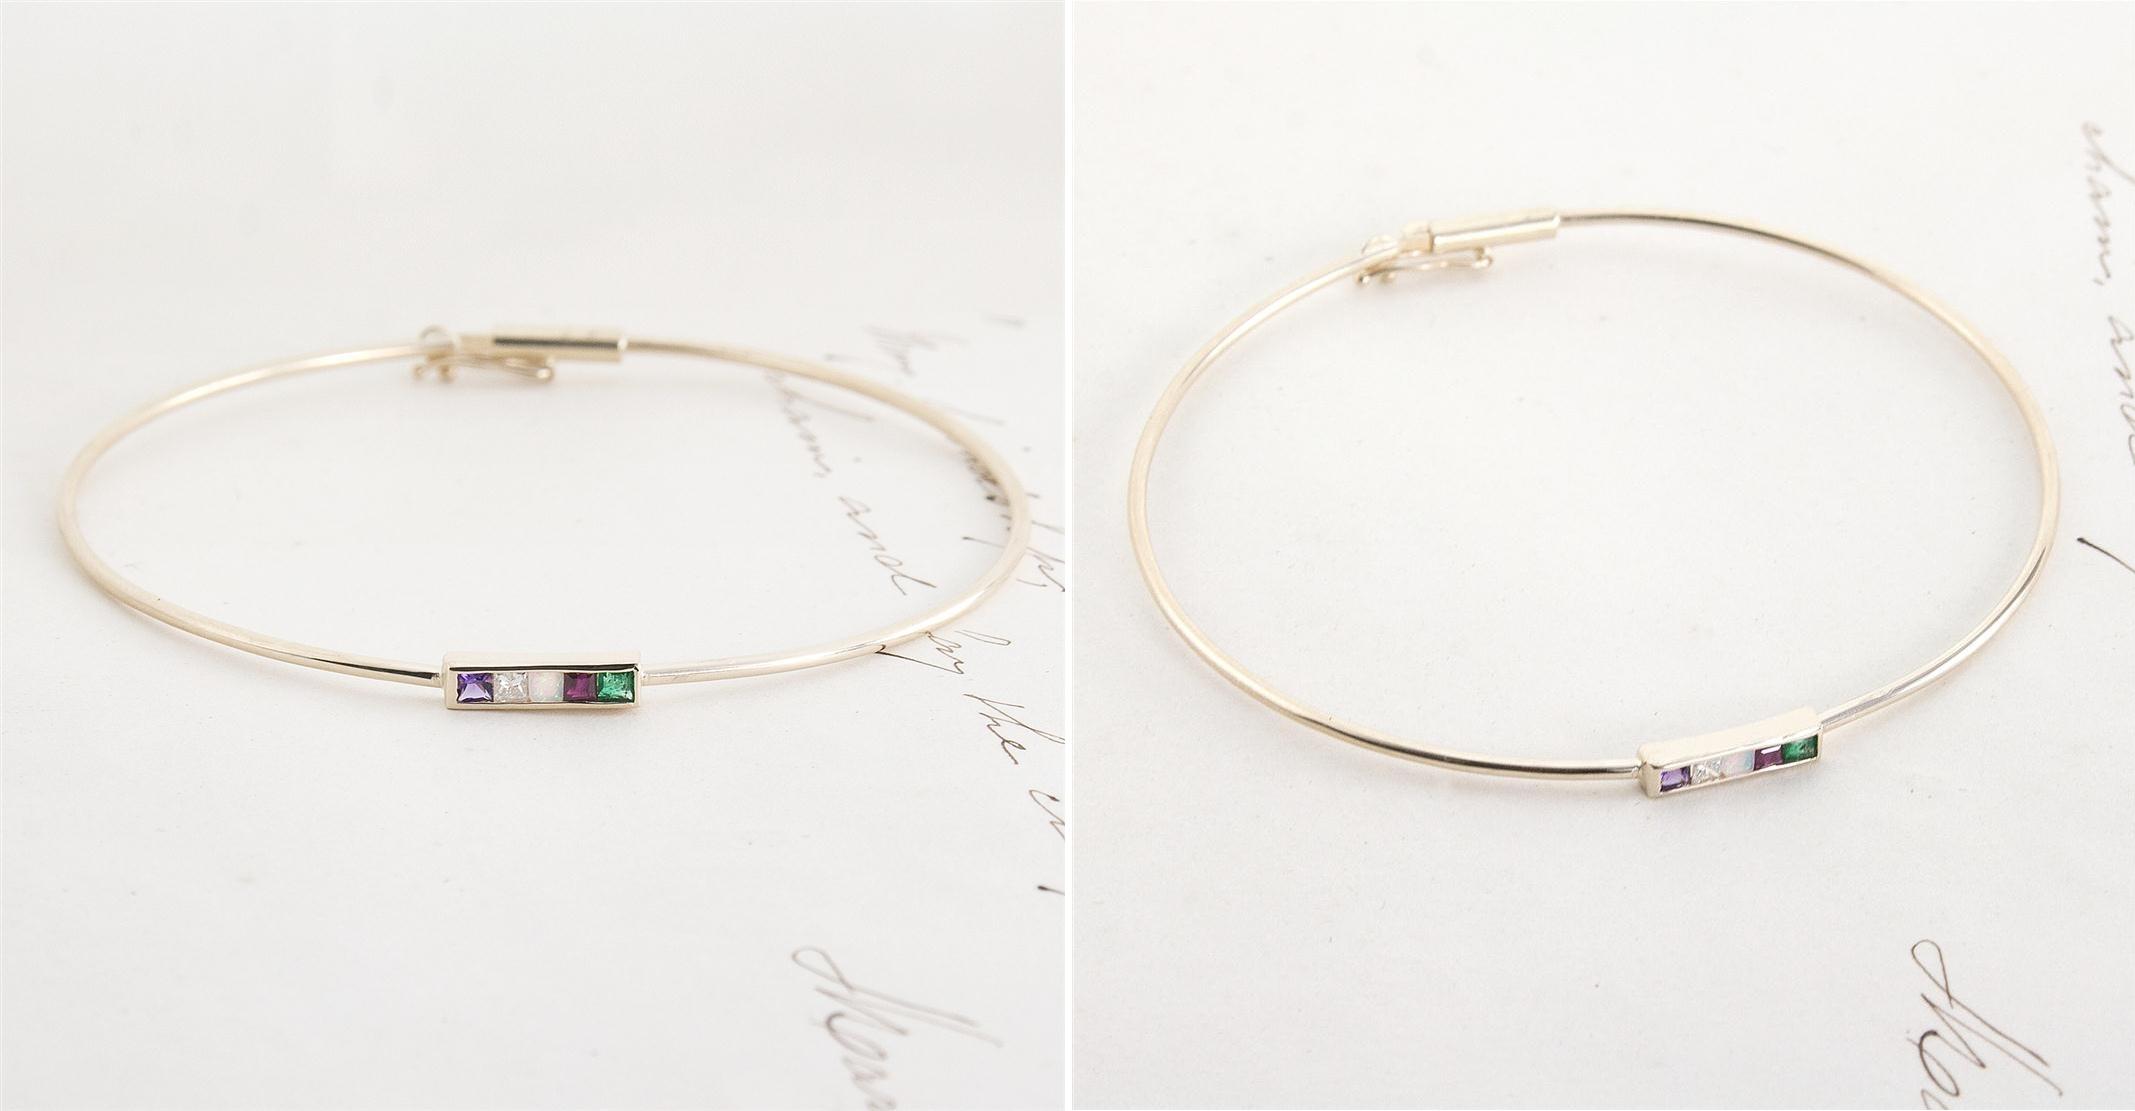 Erica Weiner's 1909 ADORE Bracelet